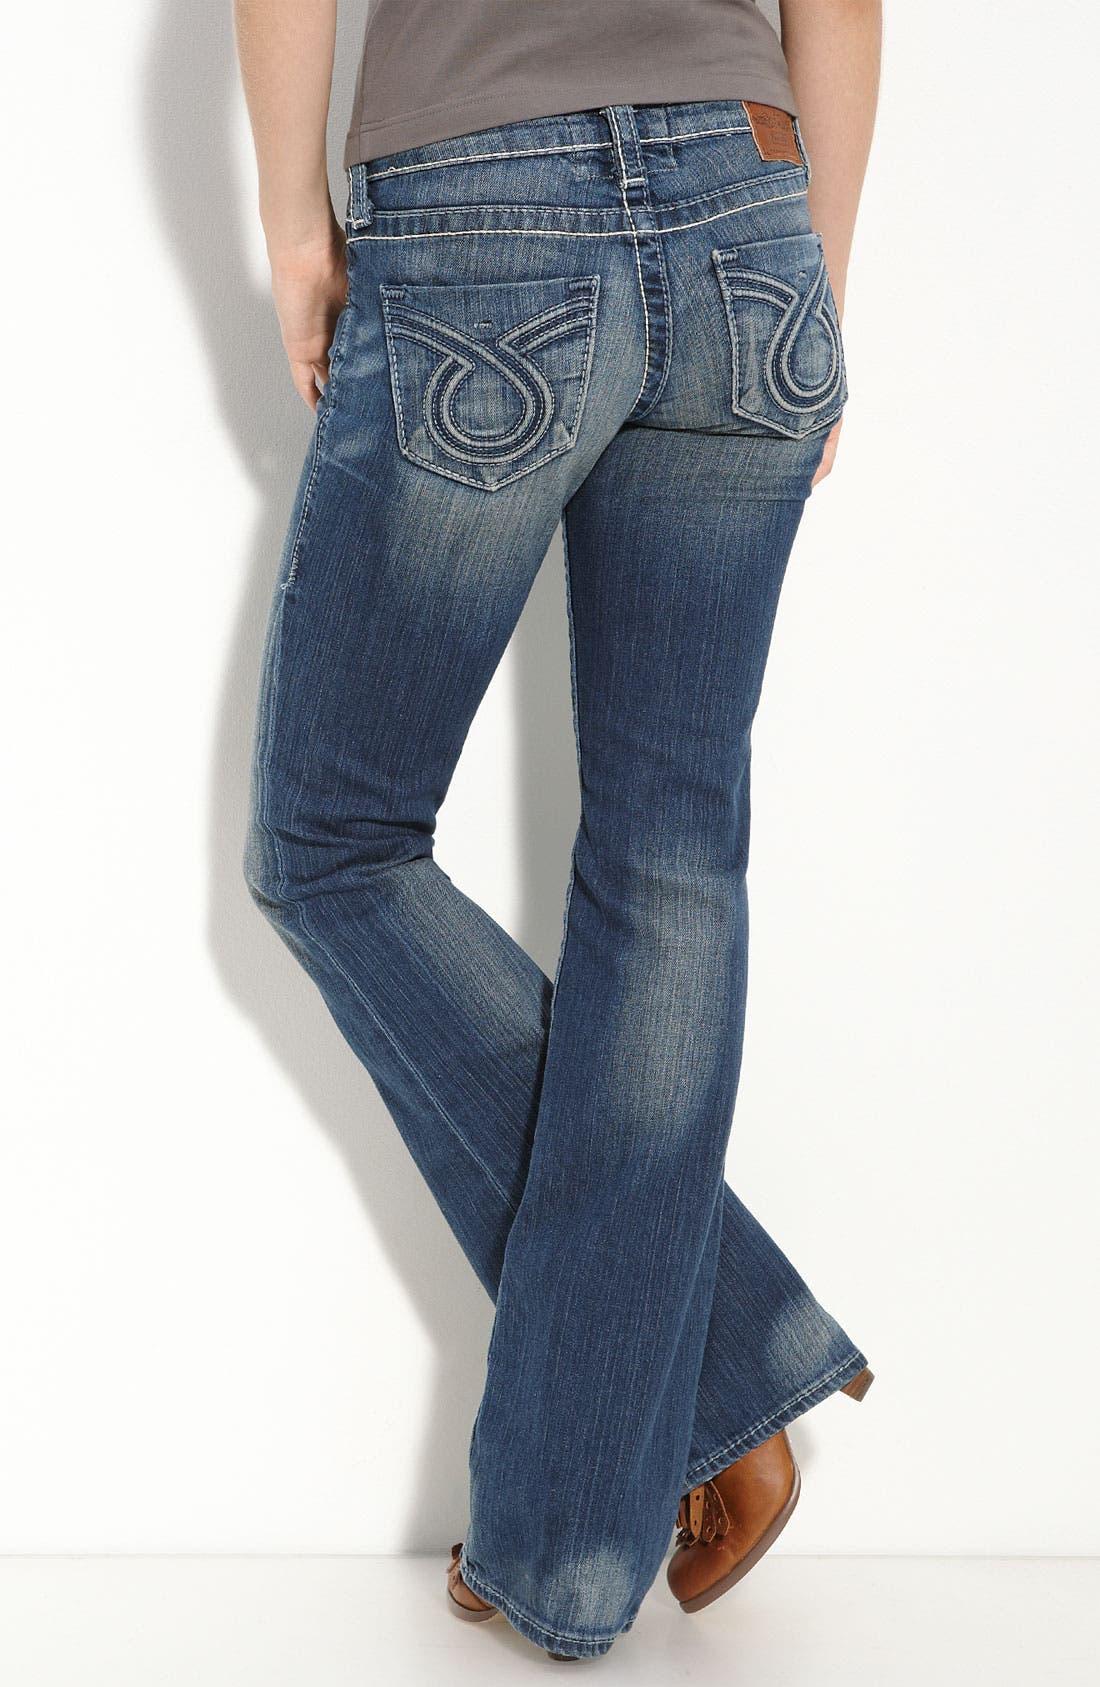 Alternate Image 1 Selected - Big Star 'Liv' Boot-Cut Jeans (Dark Wash) (Juniors)